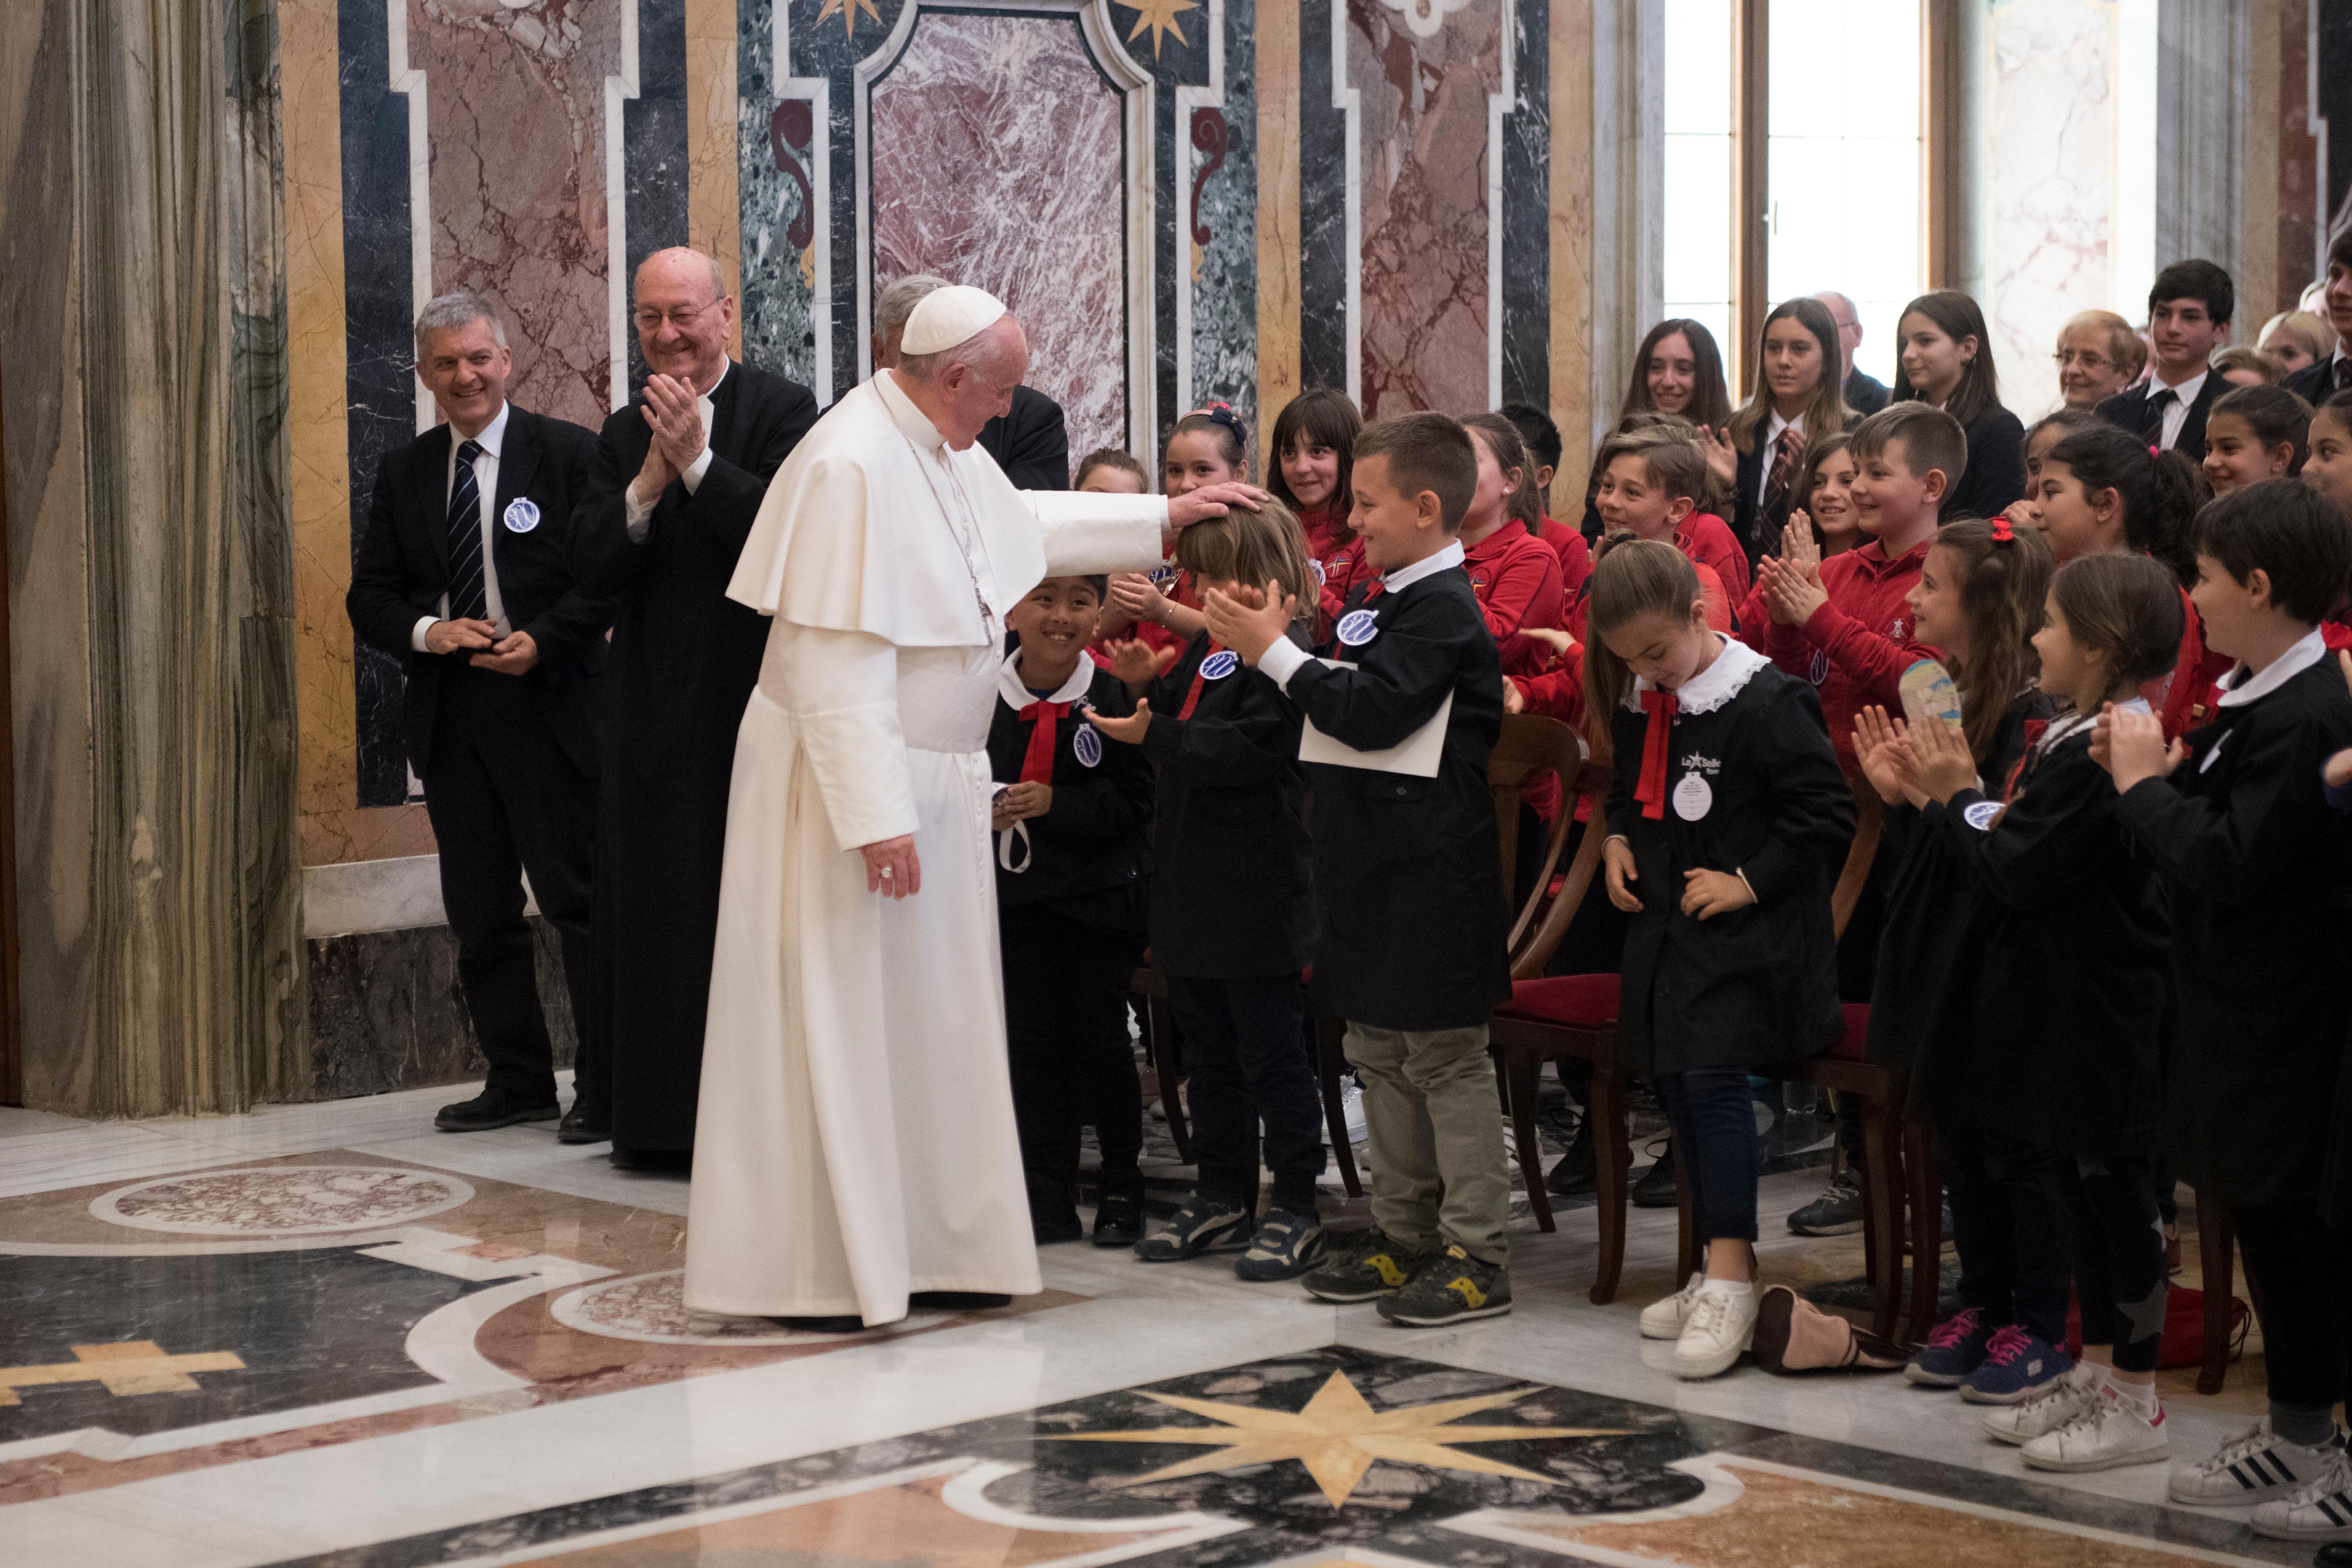 Photos De La Salle pope praises saint john baptist de la salle as 'genius and